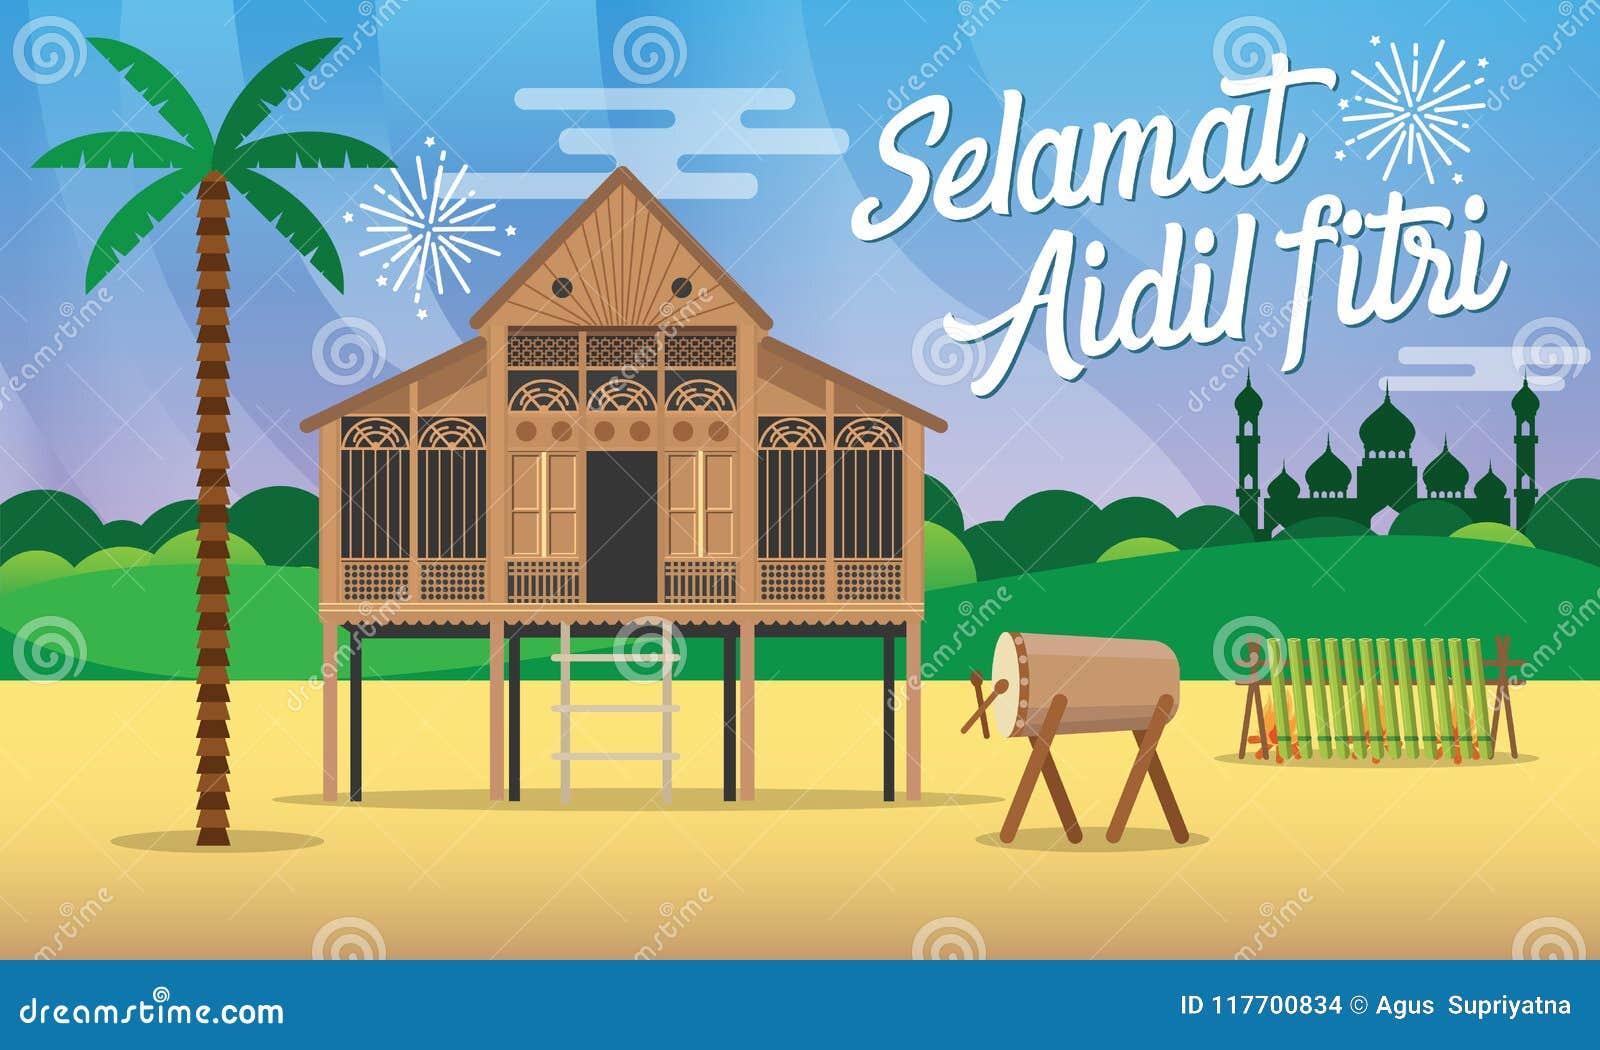 Illustration för vektor för kort för hälsning för fitri för aidil för Selamat hariraya med det traditionella malaybyhuset/Kampung